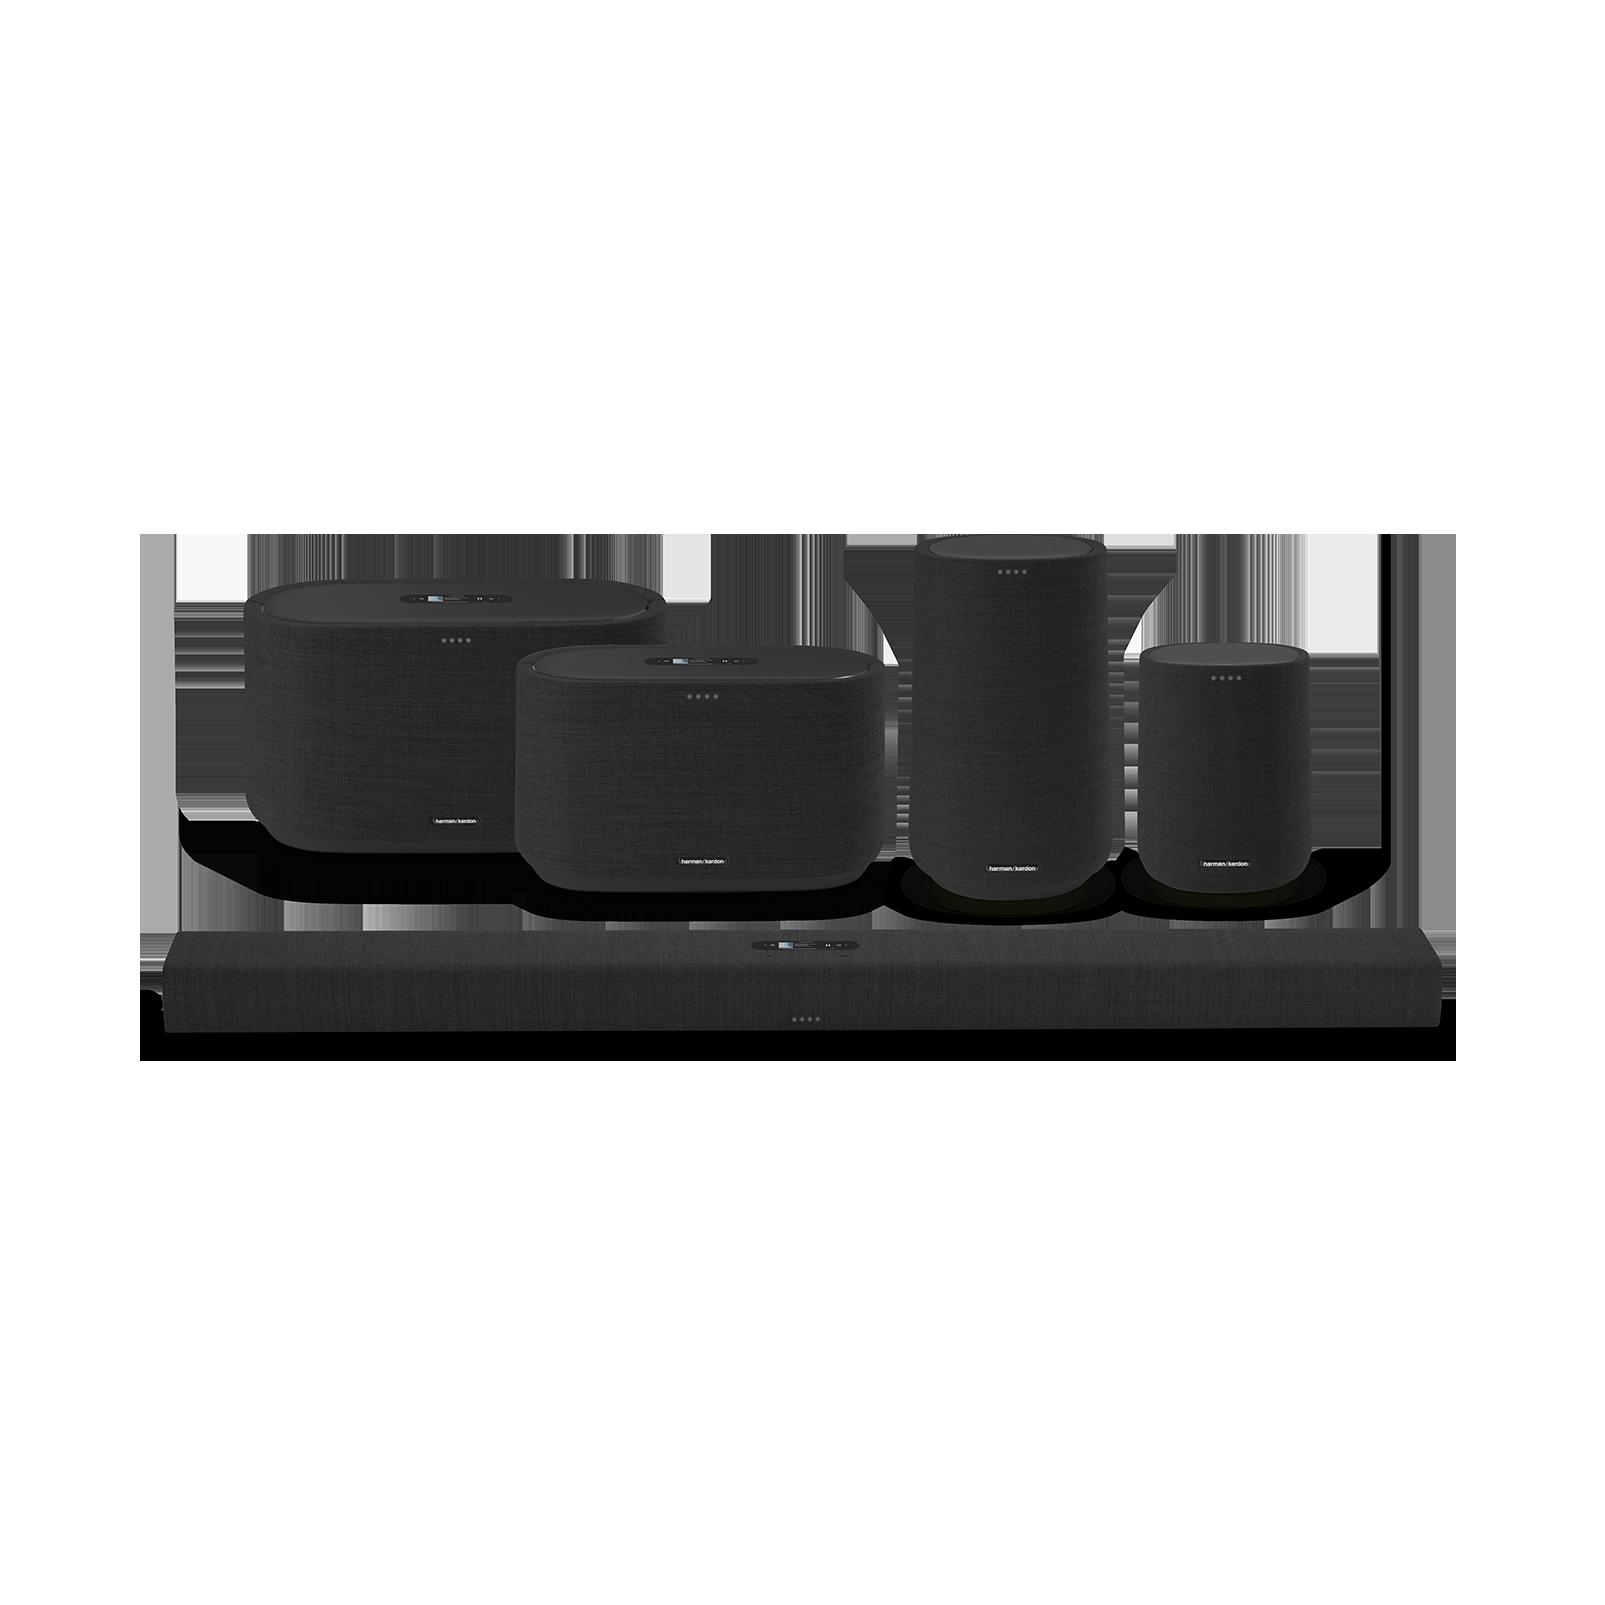 Harman Kardon Citation 500 - Black - Large Tabletop Smart Home Loudspeaker System - Detailshot 5